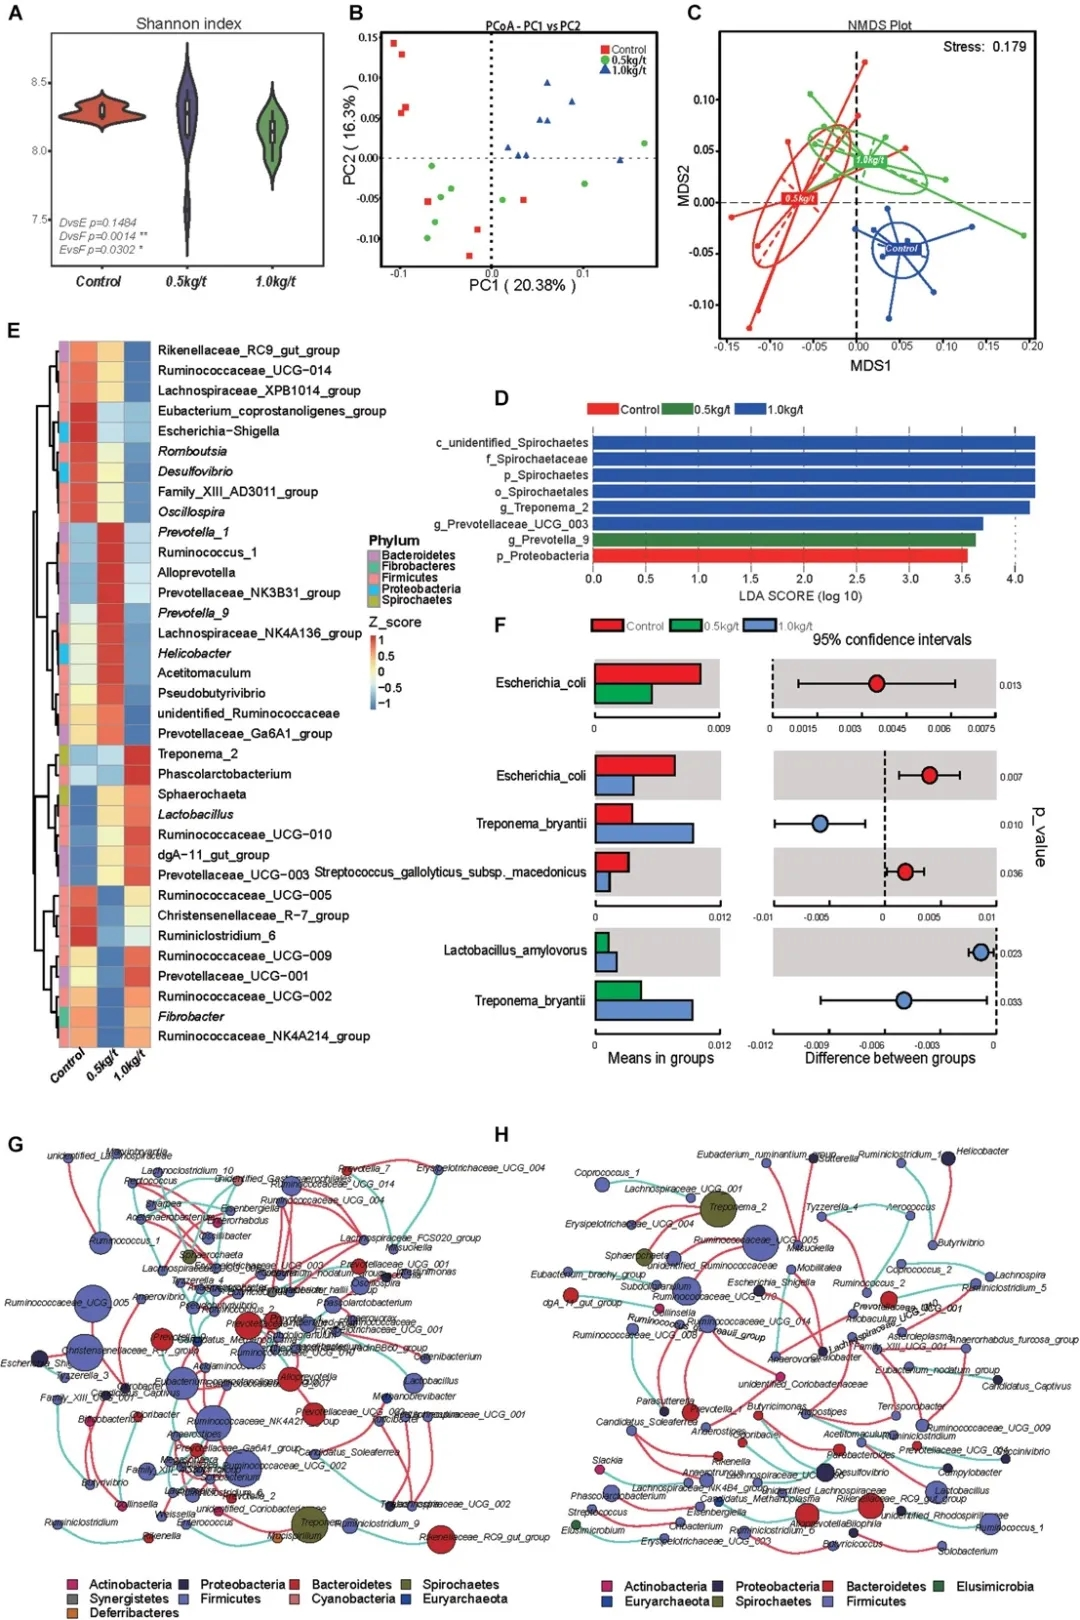 客户文献 | 溶菌酶改变母猪肠道菌群、血清免疫和乳汁代谢图谱